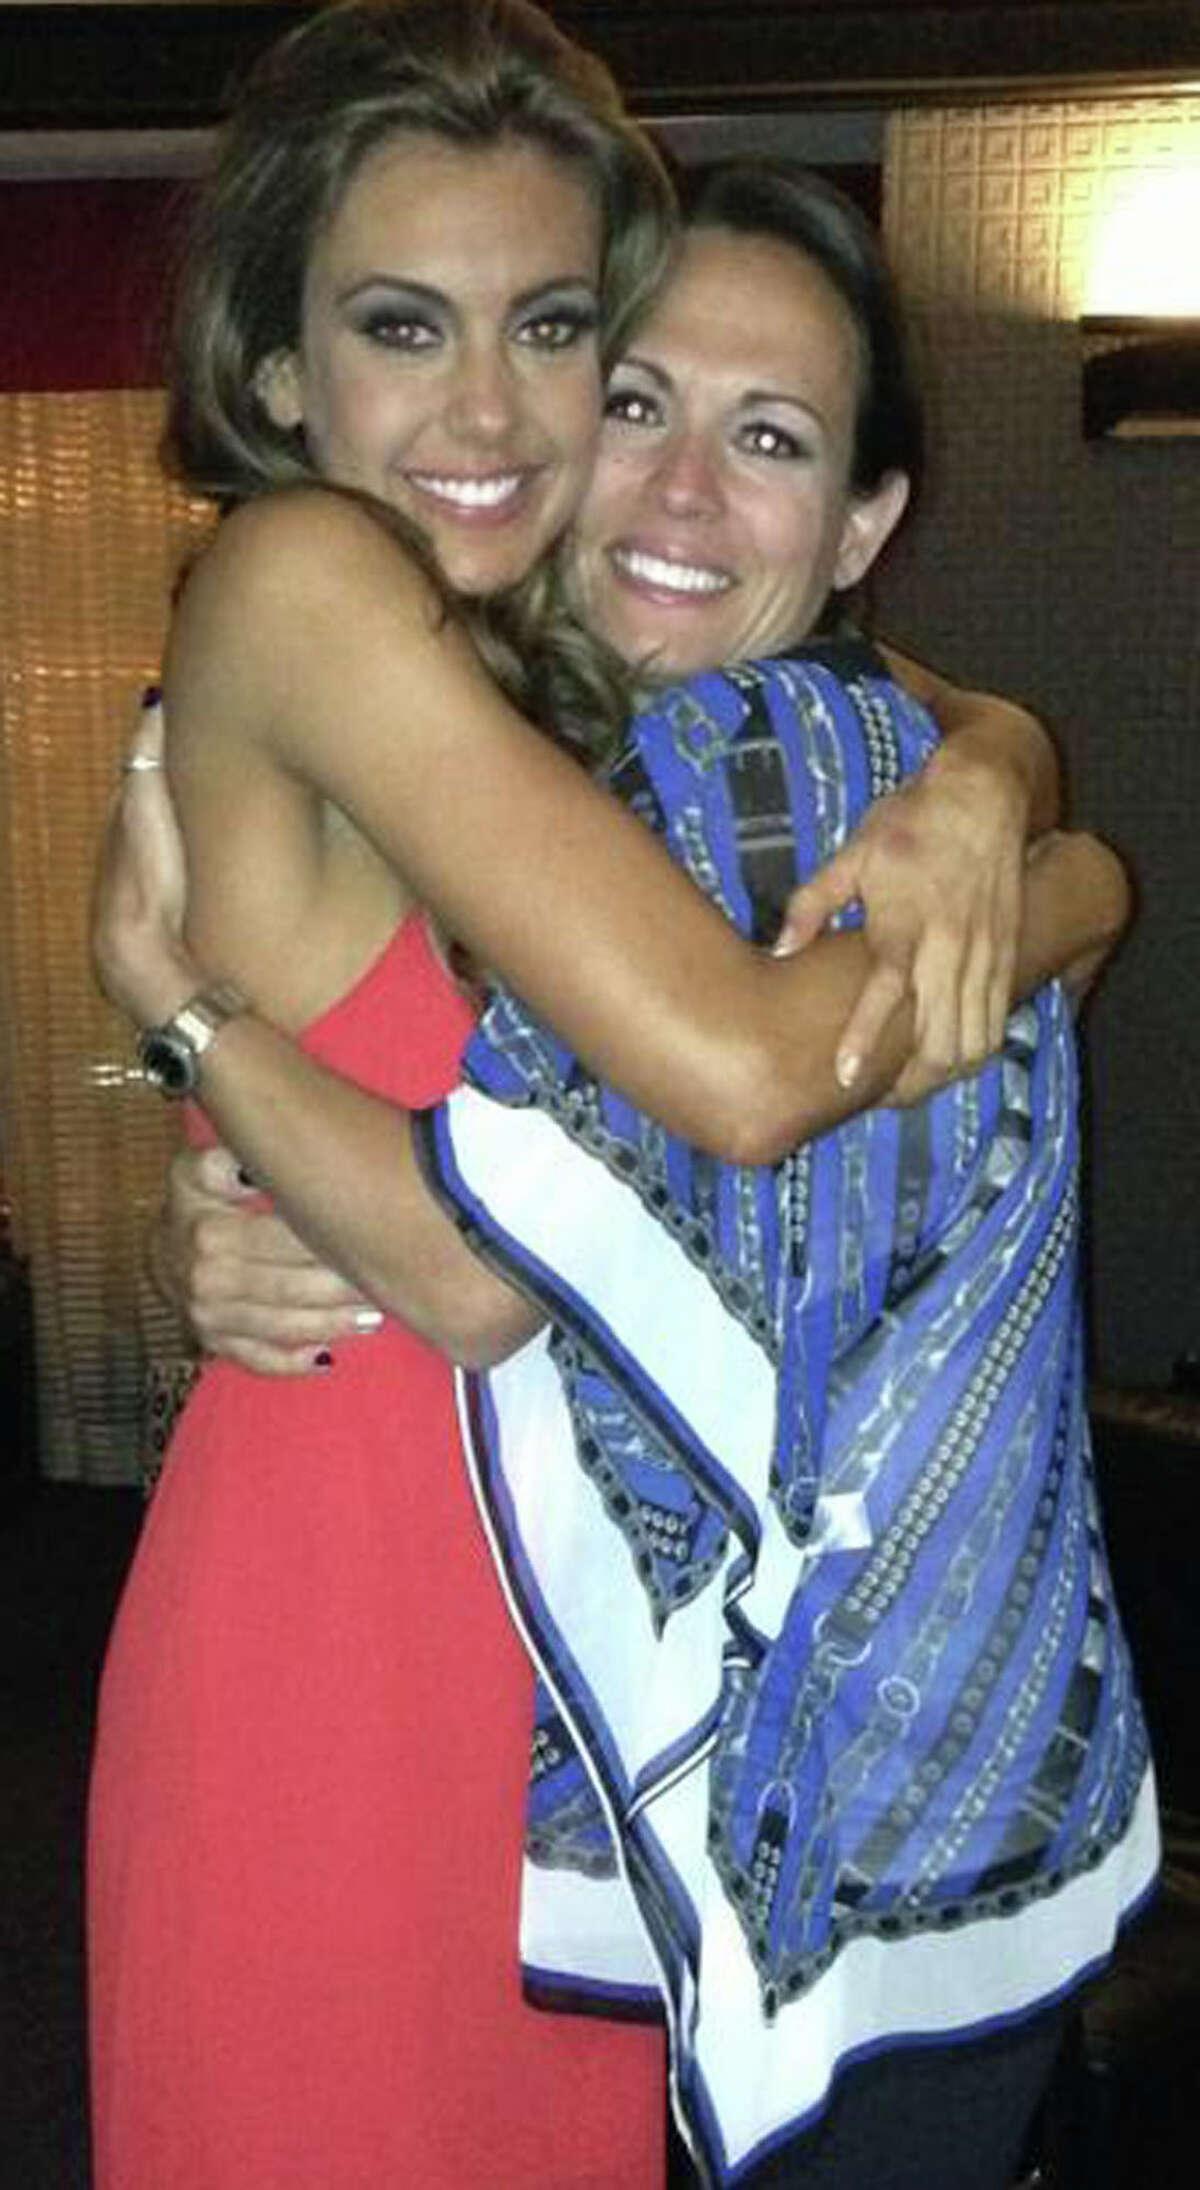 Erin Brady of East Hampton gives an appreciative hug to Tiffany Delmonico moments before winning the Miss USA pageant. 2013 Courtesy of Tiffany Delmonico